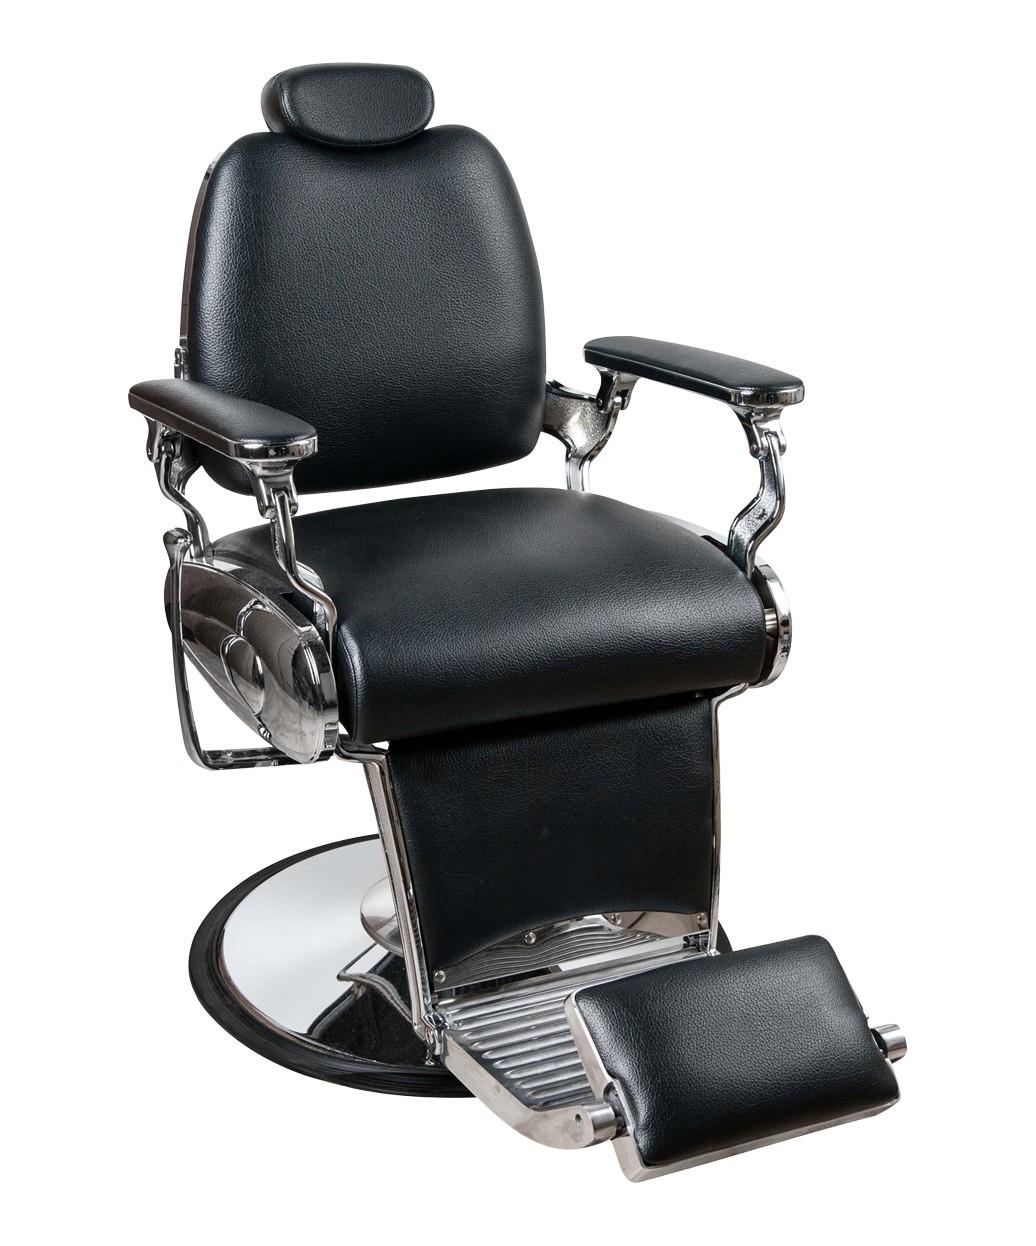 Marvelous Jeffco 707 Jaguar Barber Chair Short Links Chair Design For Home Short Linksinfo